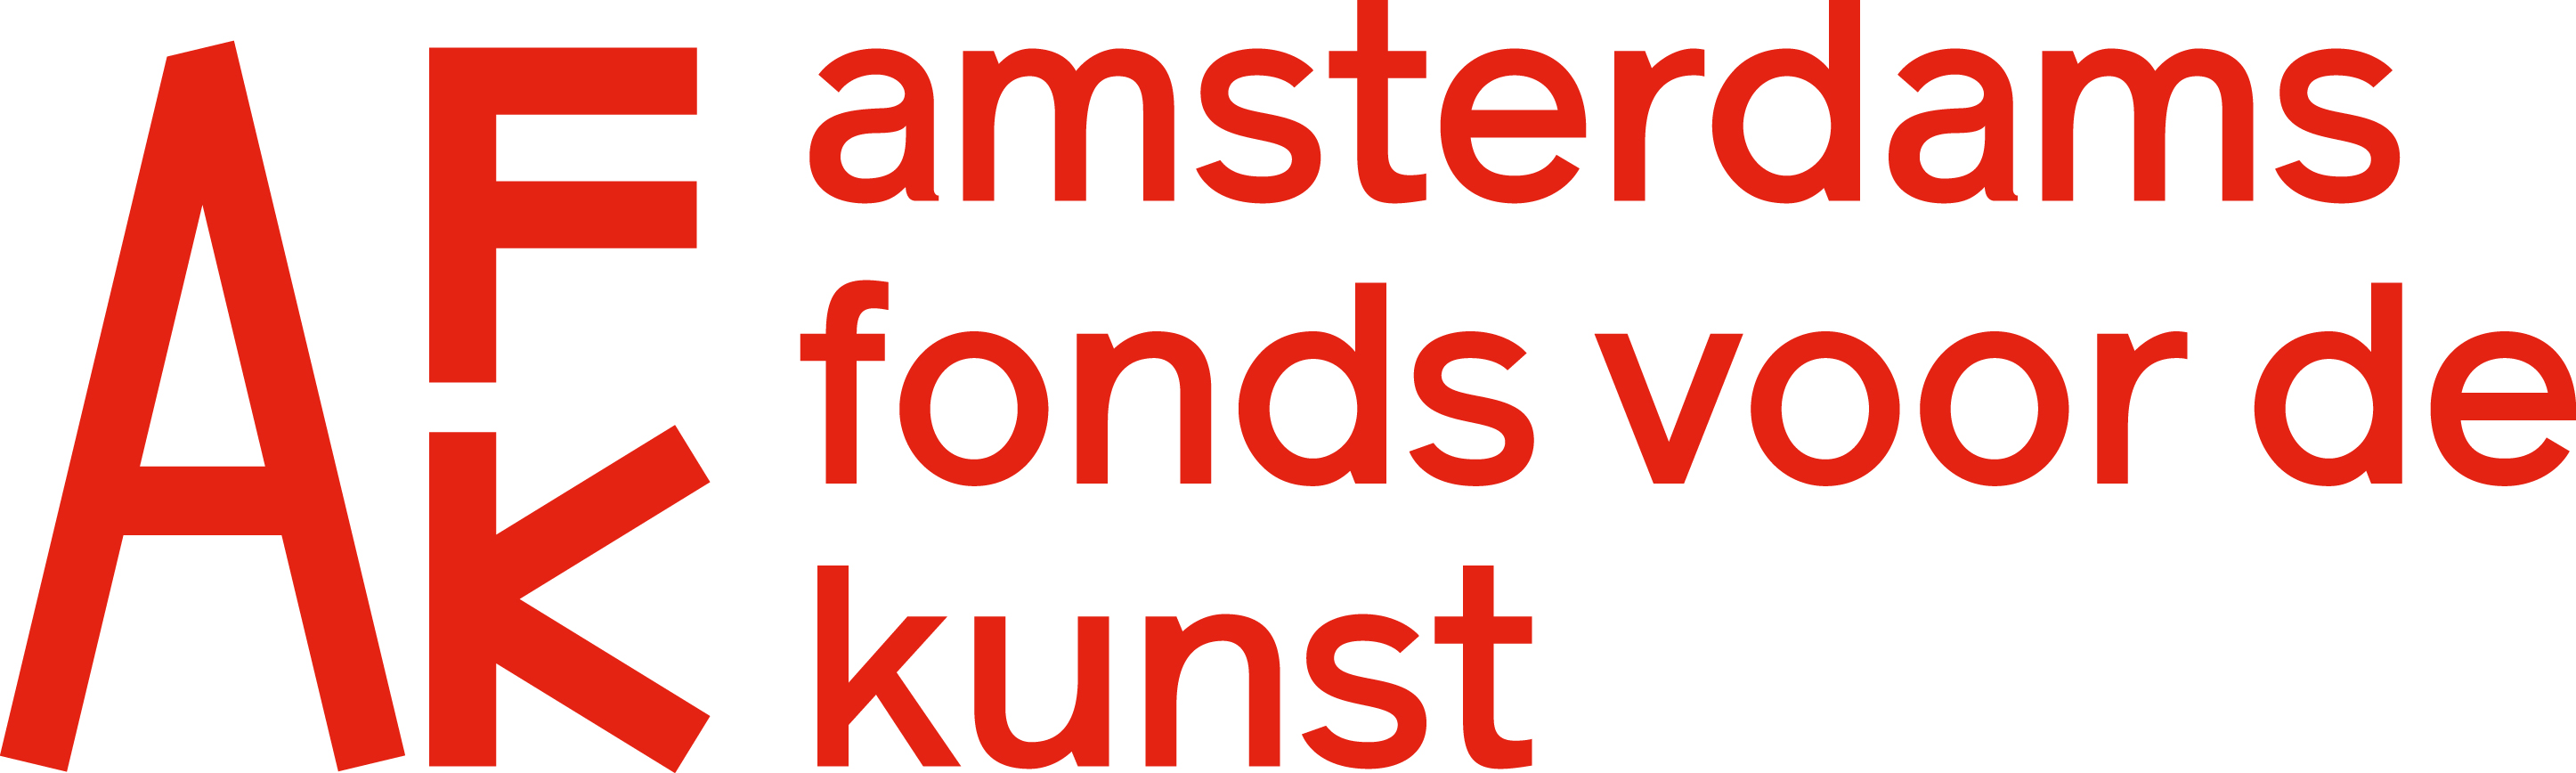 amsterdam fonds voor de kunst